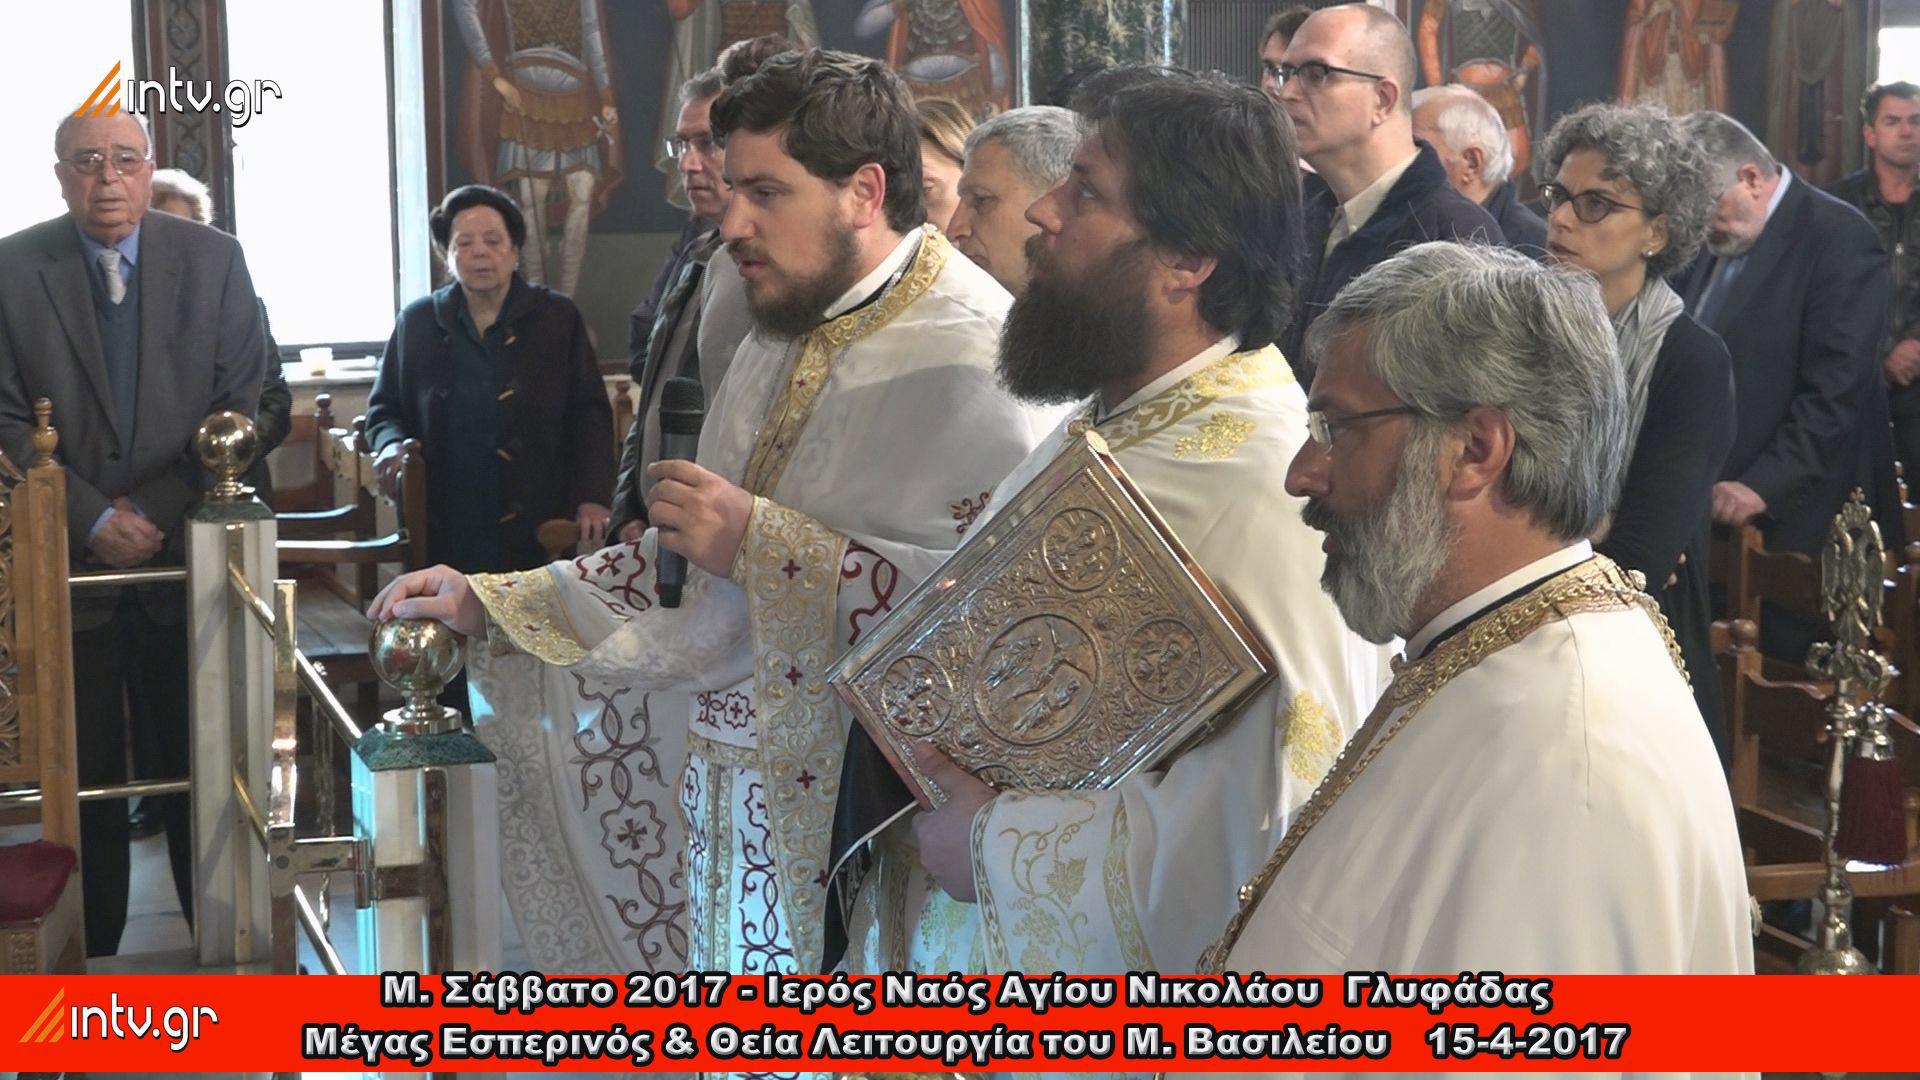 Μ. Σάββατο 2017 - Ιερός Ναός Αγίου Νικολάου  Γλυφάδας - Μέγας Εσπερινός & Θεία Λειτουργία του Μ. Βασιλείου